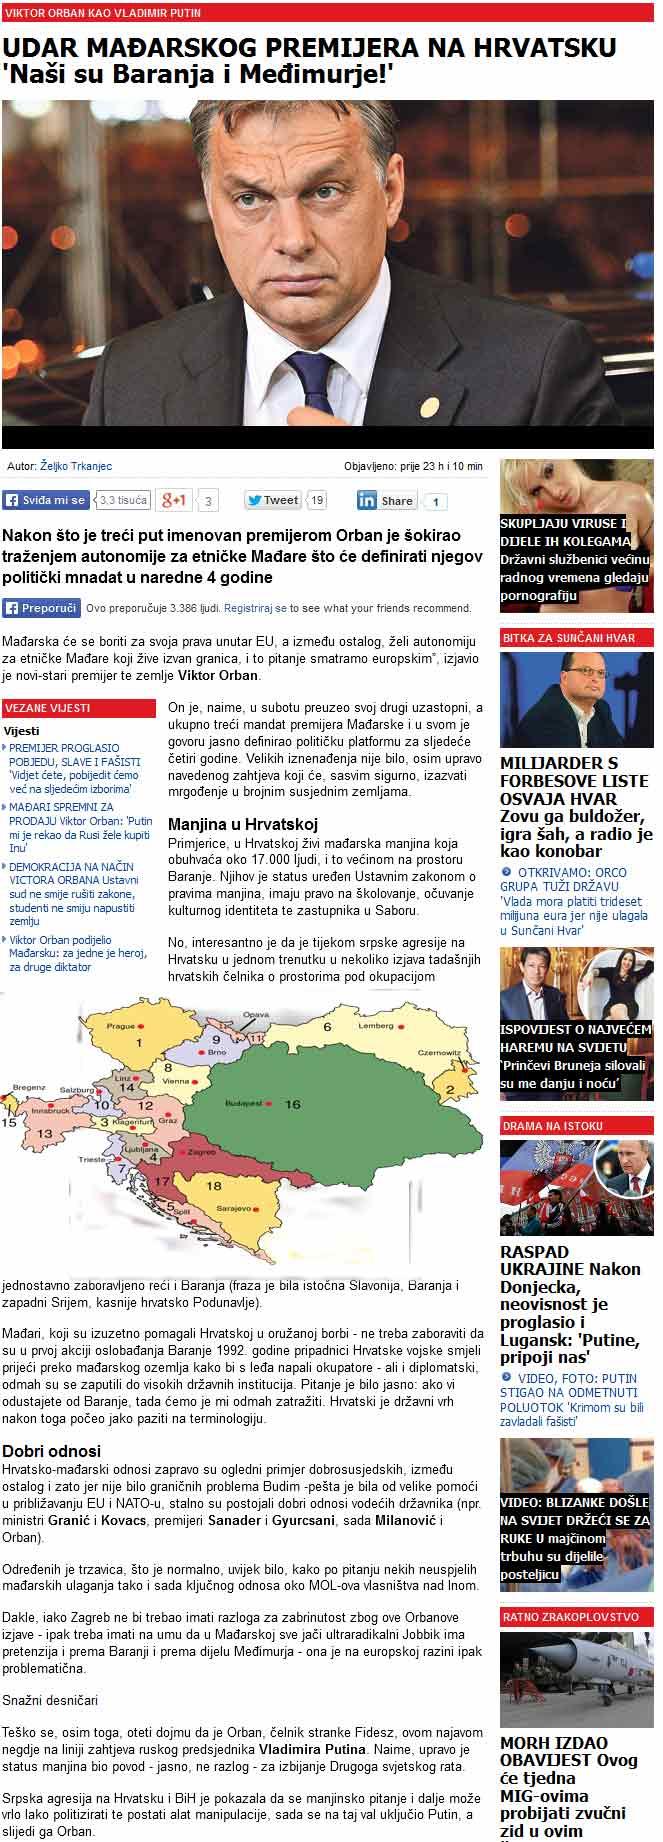 UDAR-MA-ARSKOG-PREMIJERA-NA-HRVATSKU-Na-i-su-Baranja-i-Me-imurje-Jutarnji-hr-2014-05-13-08-33-54